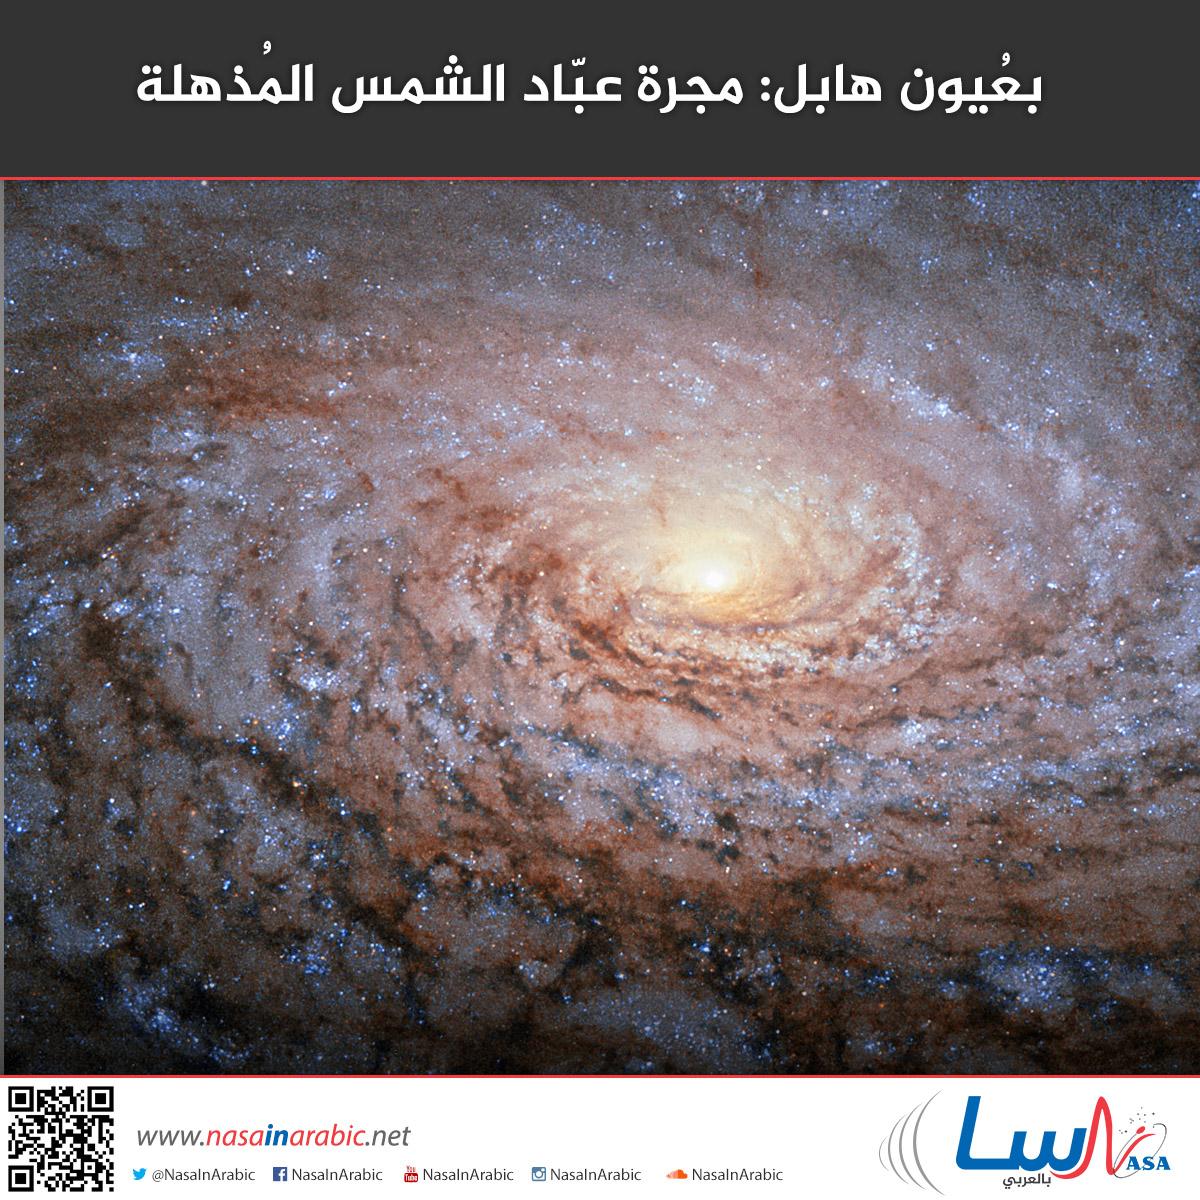 بعُيون هابل: مجرة عبّاد الشمس المُذهلة